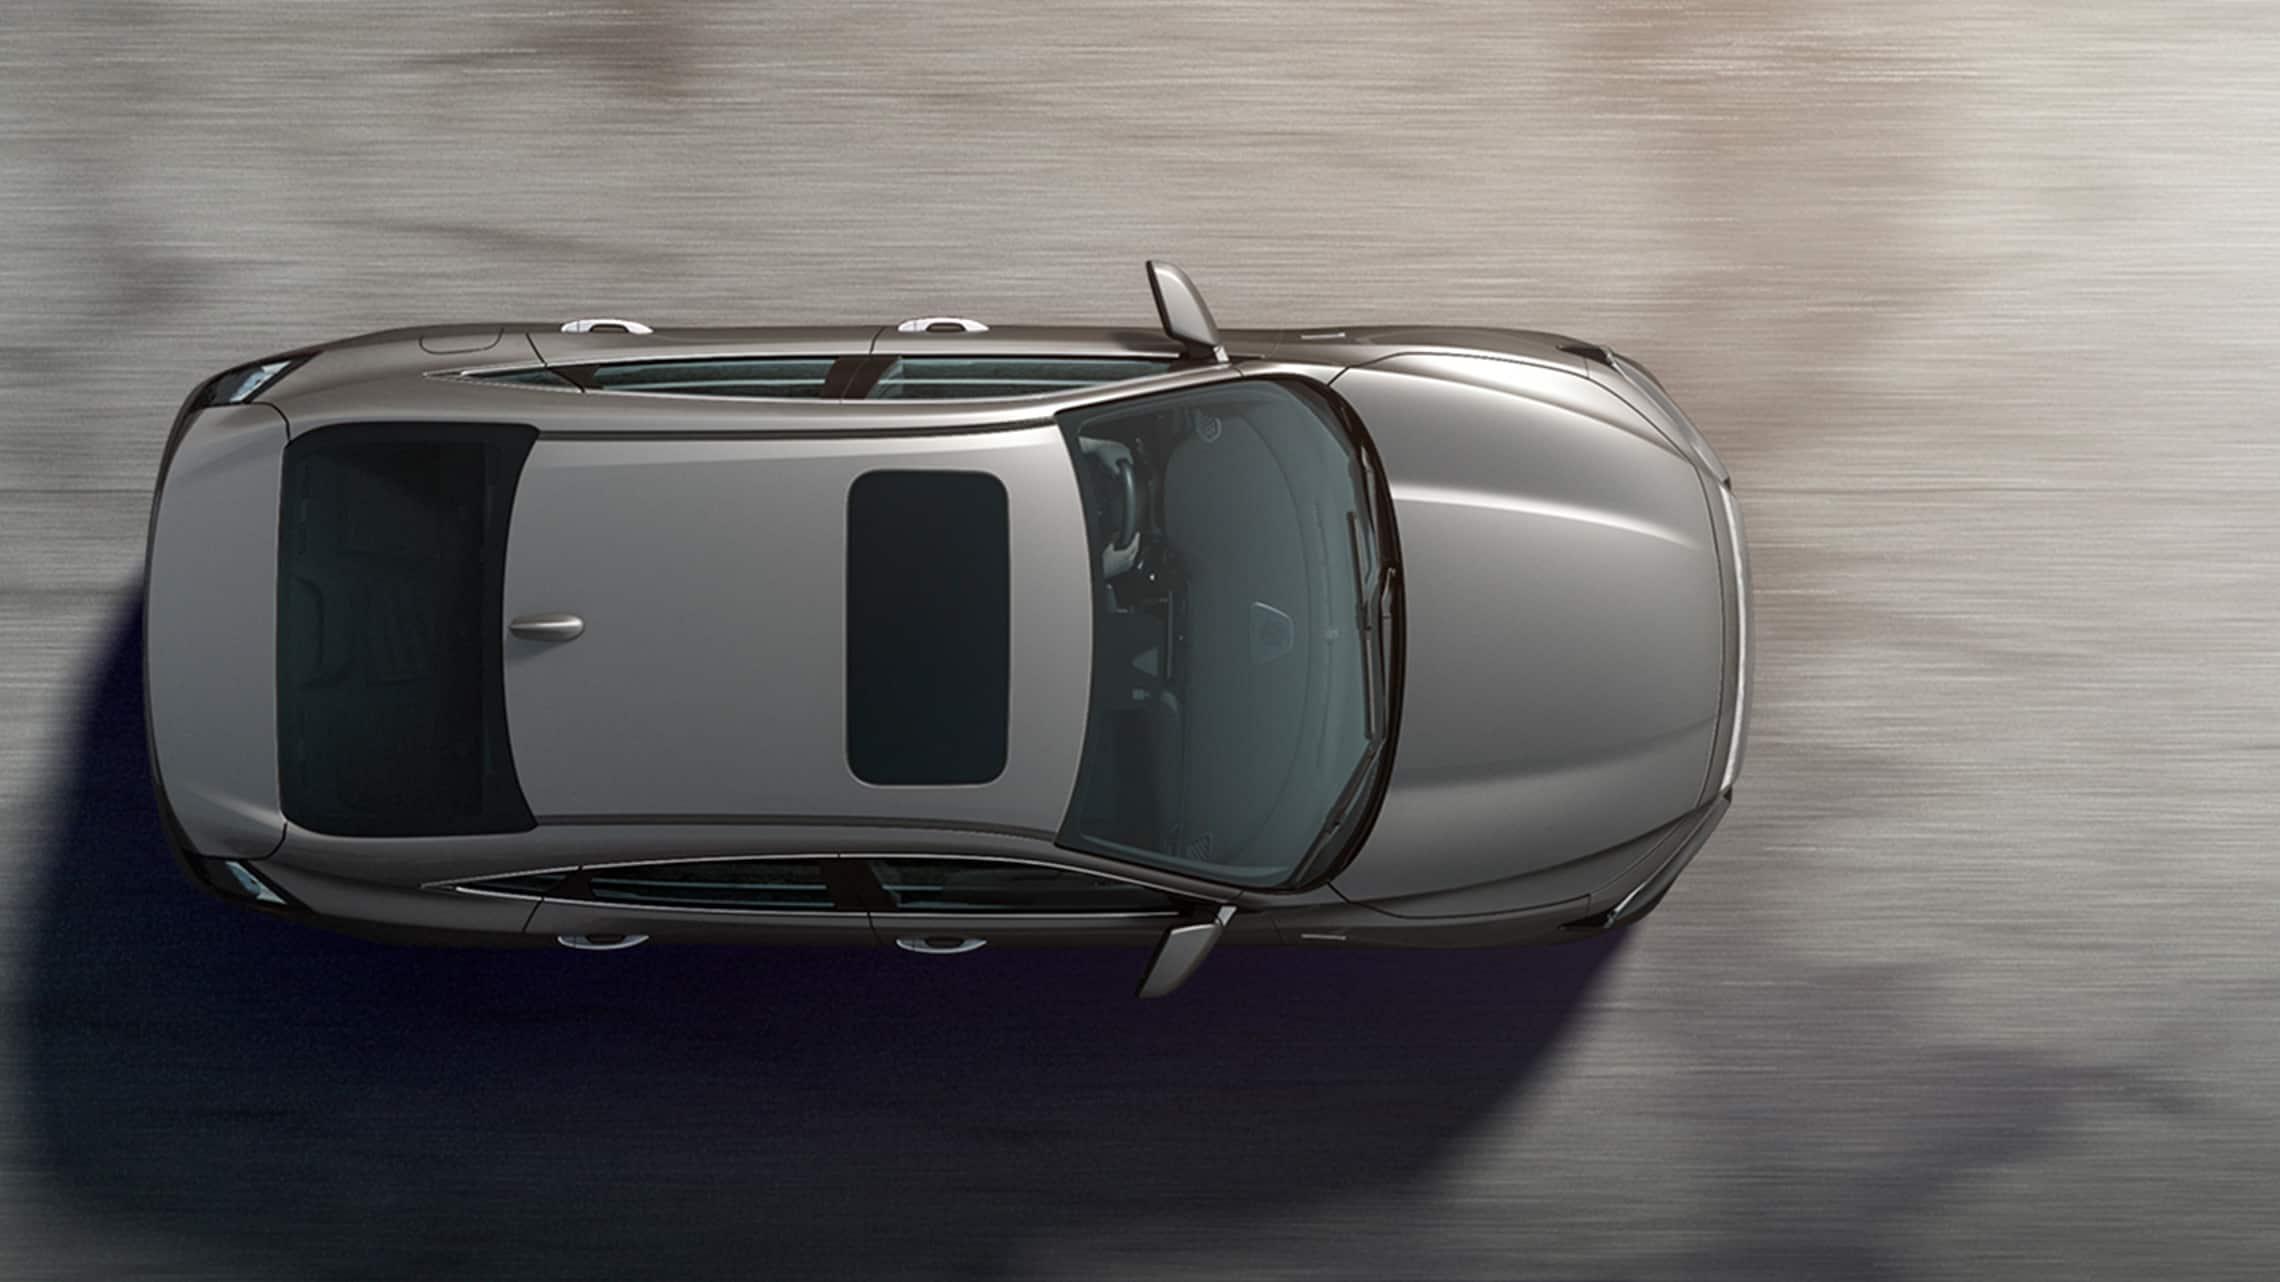 Vista aérea del exterior del Honda Insight Touring2021 en Lunar Silver Metallic.